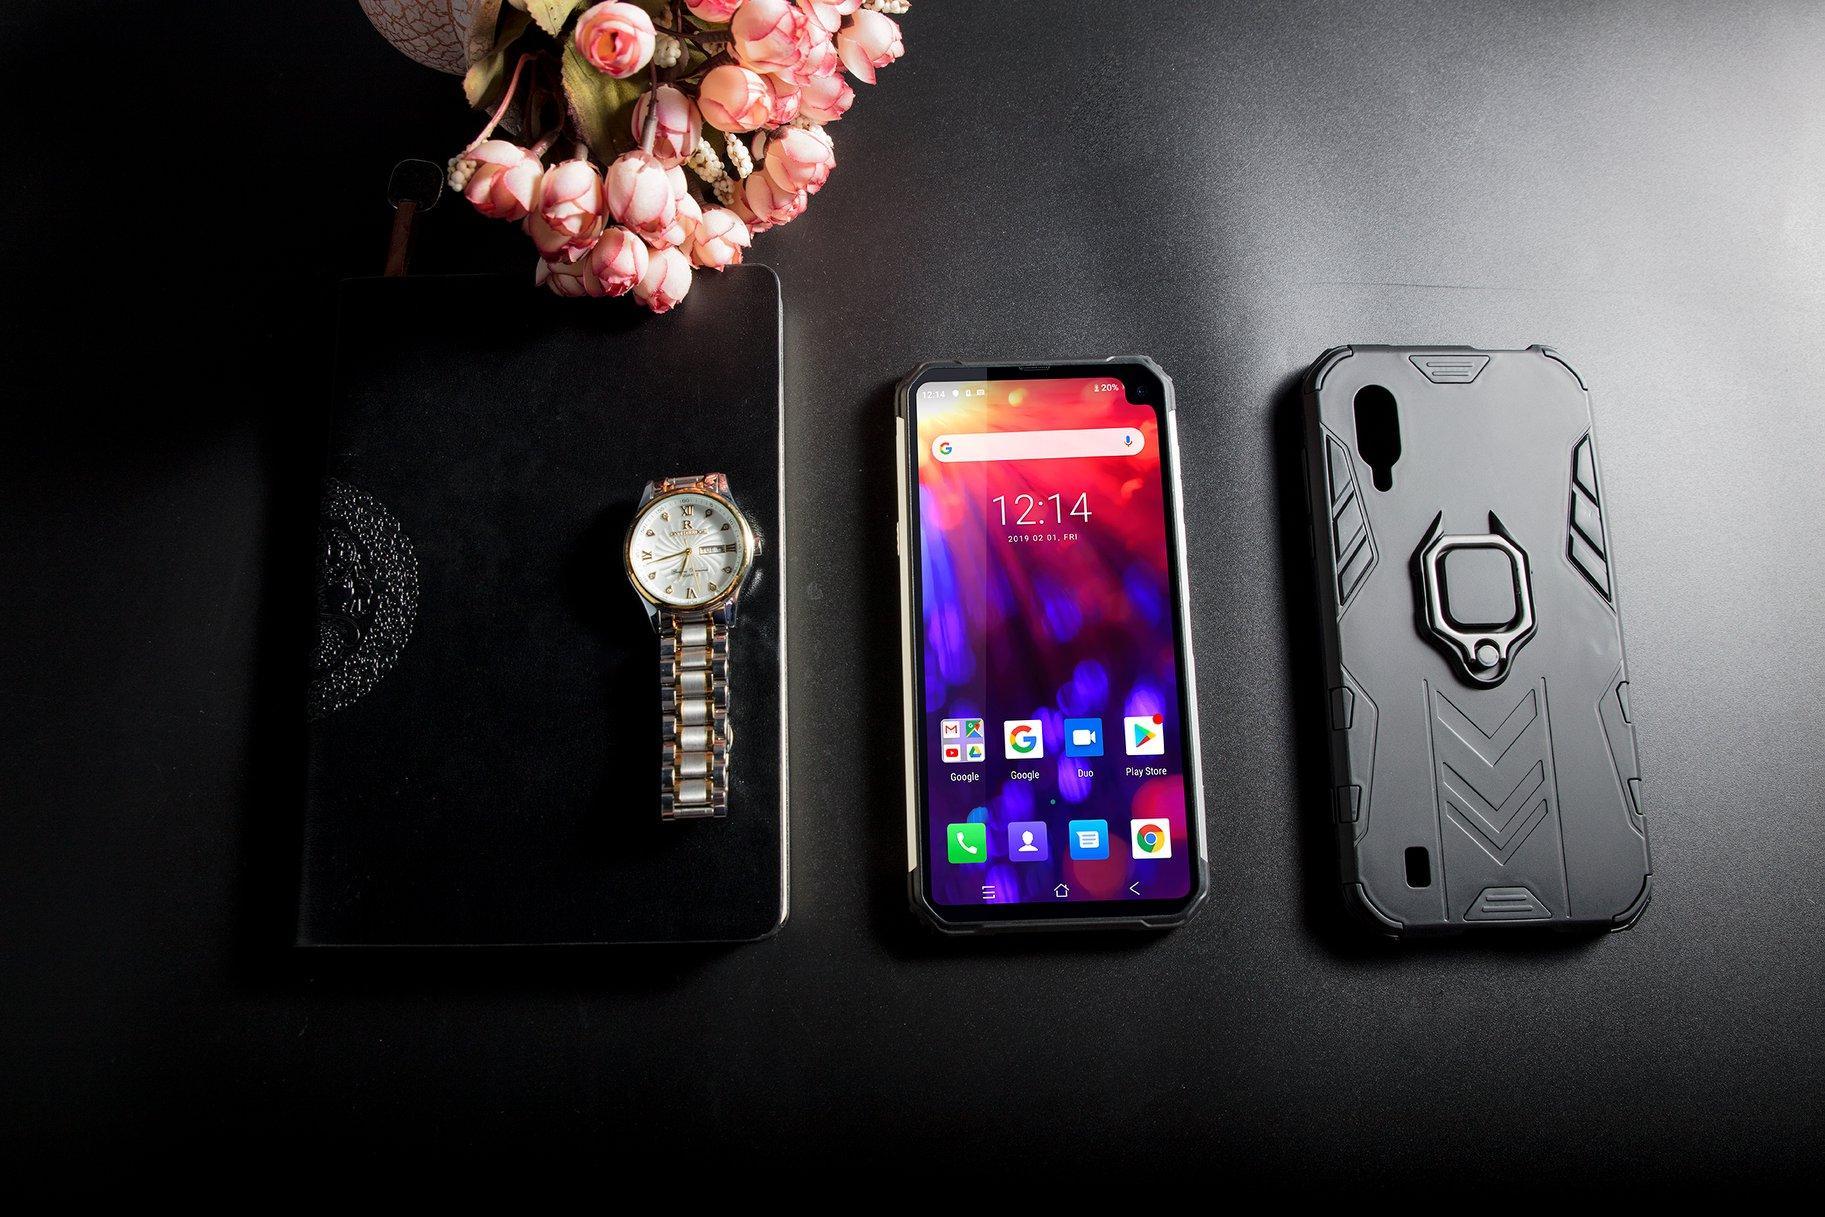 5580 мАч, влагозащита IP68, чип NFC и камера от Sony —  Blackview BV 6100